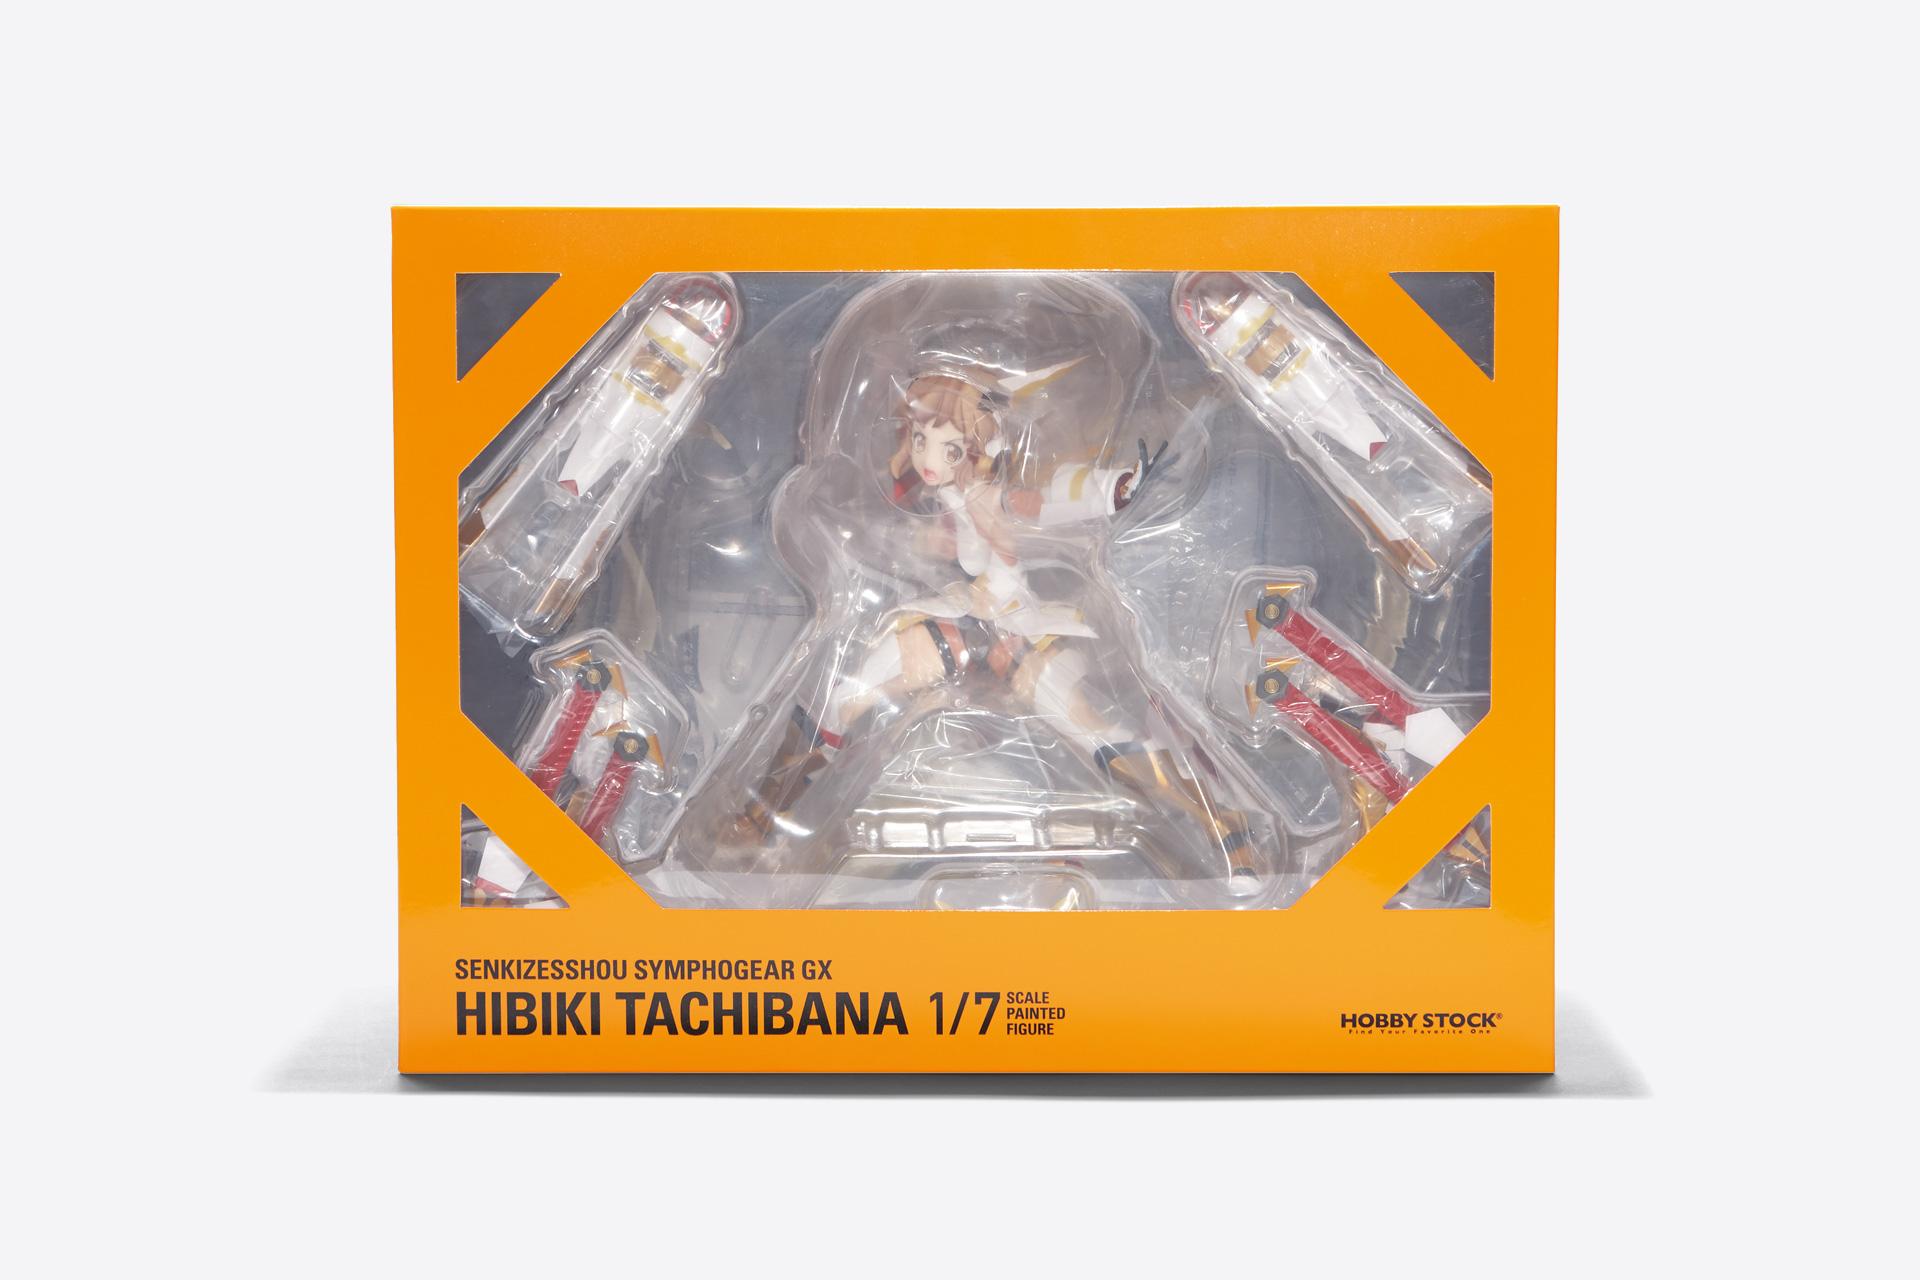 戦姫絶唱シンフォギアGX 1/7 立花 響 / Package